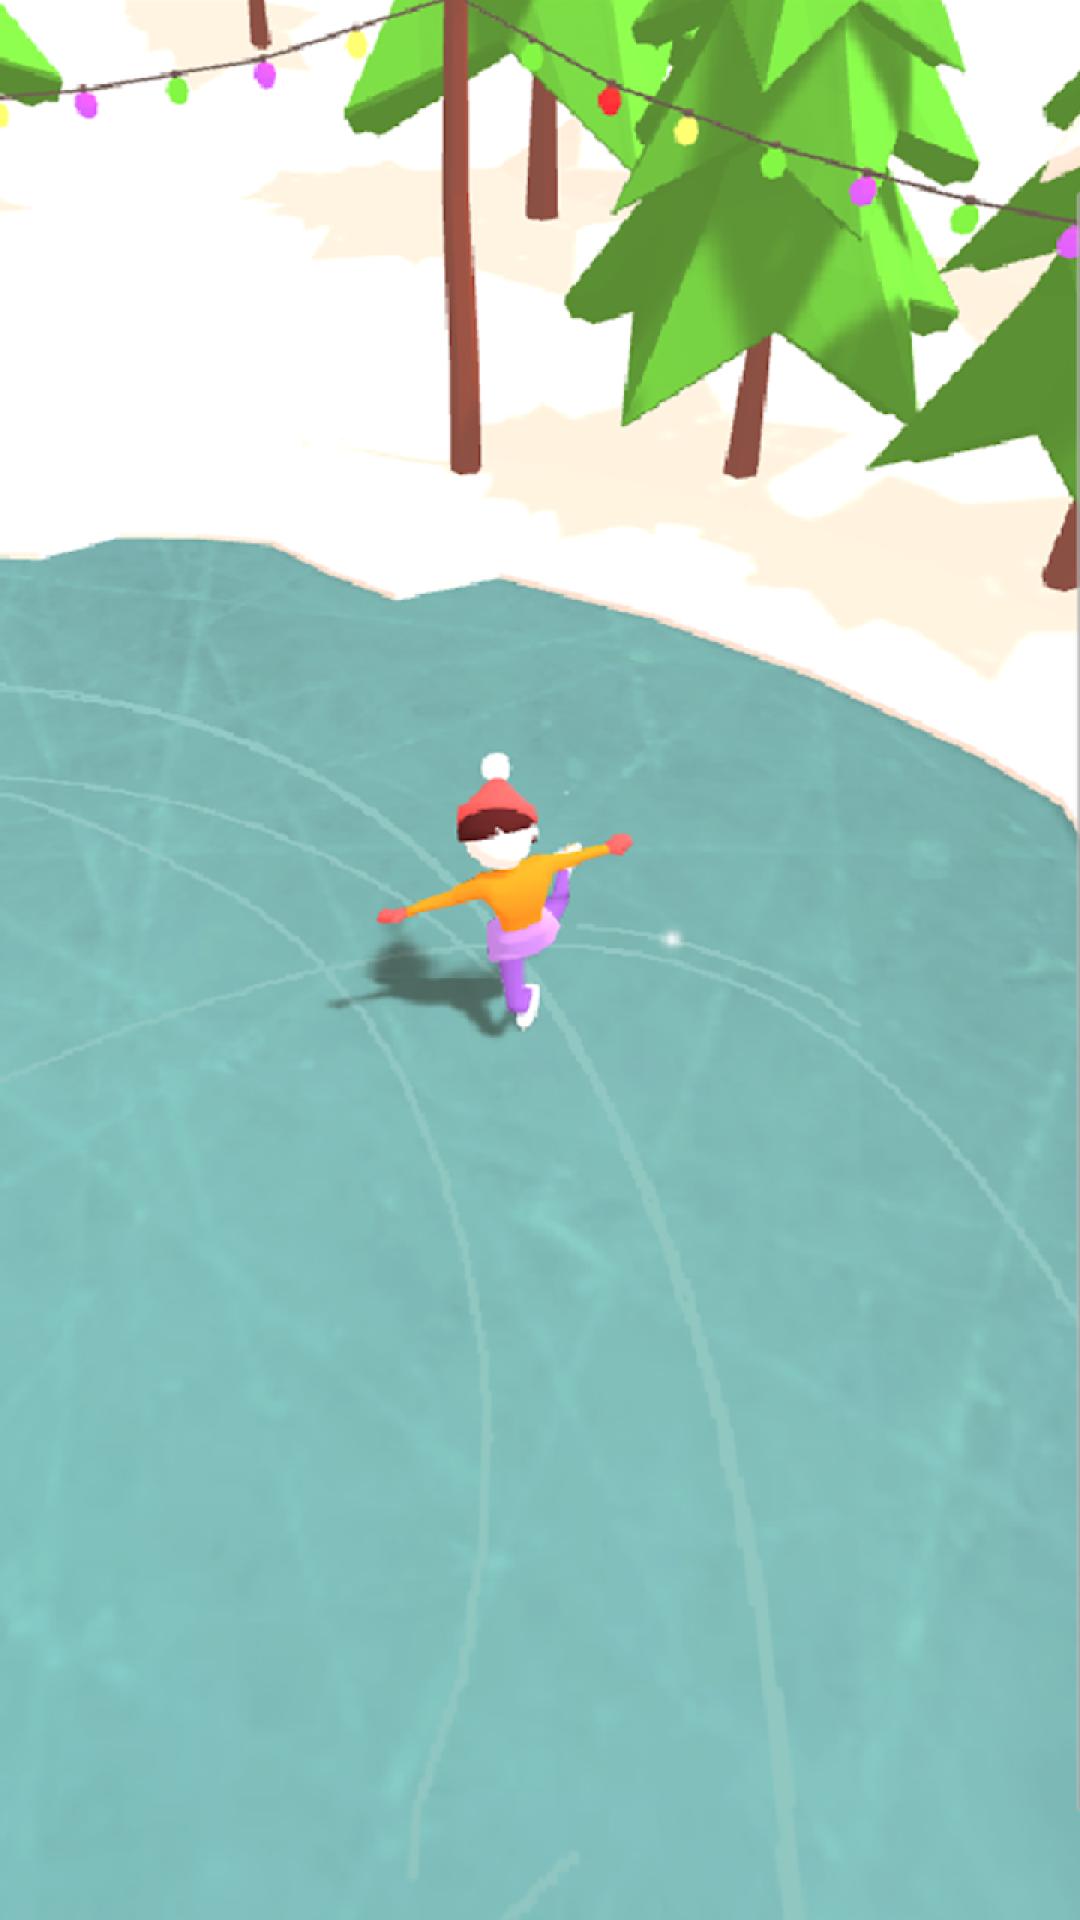 冰上芭蕾舞图2